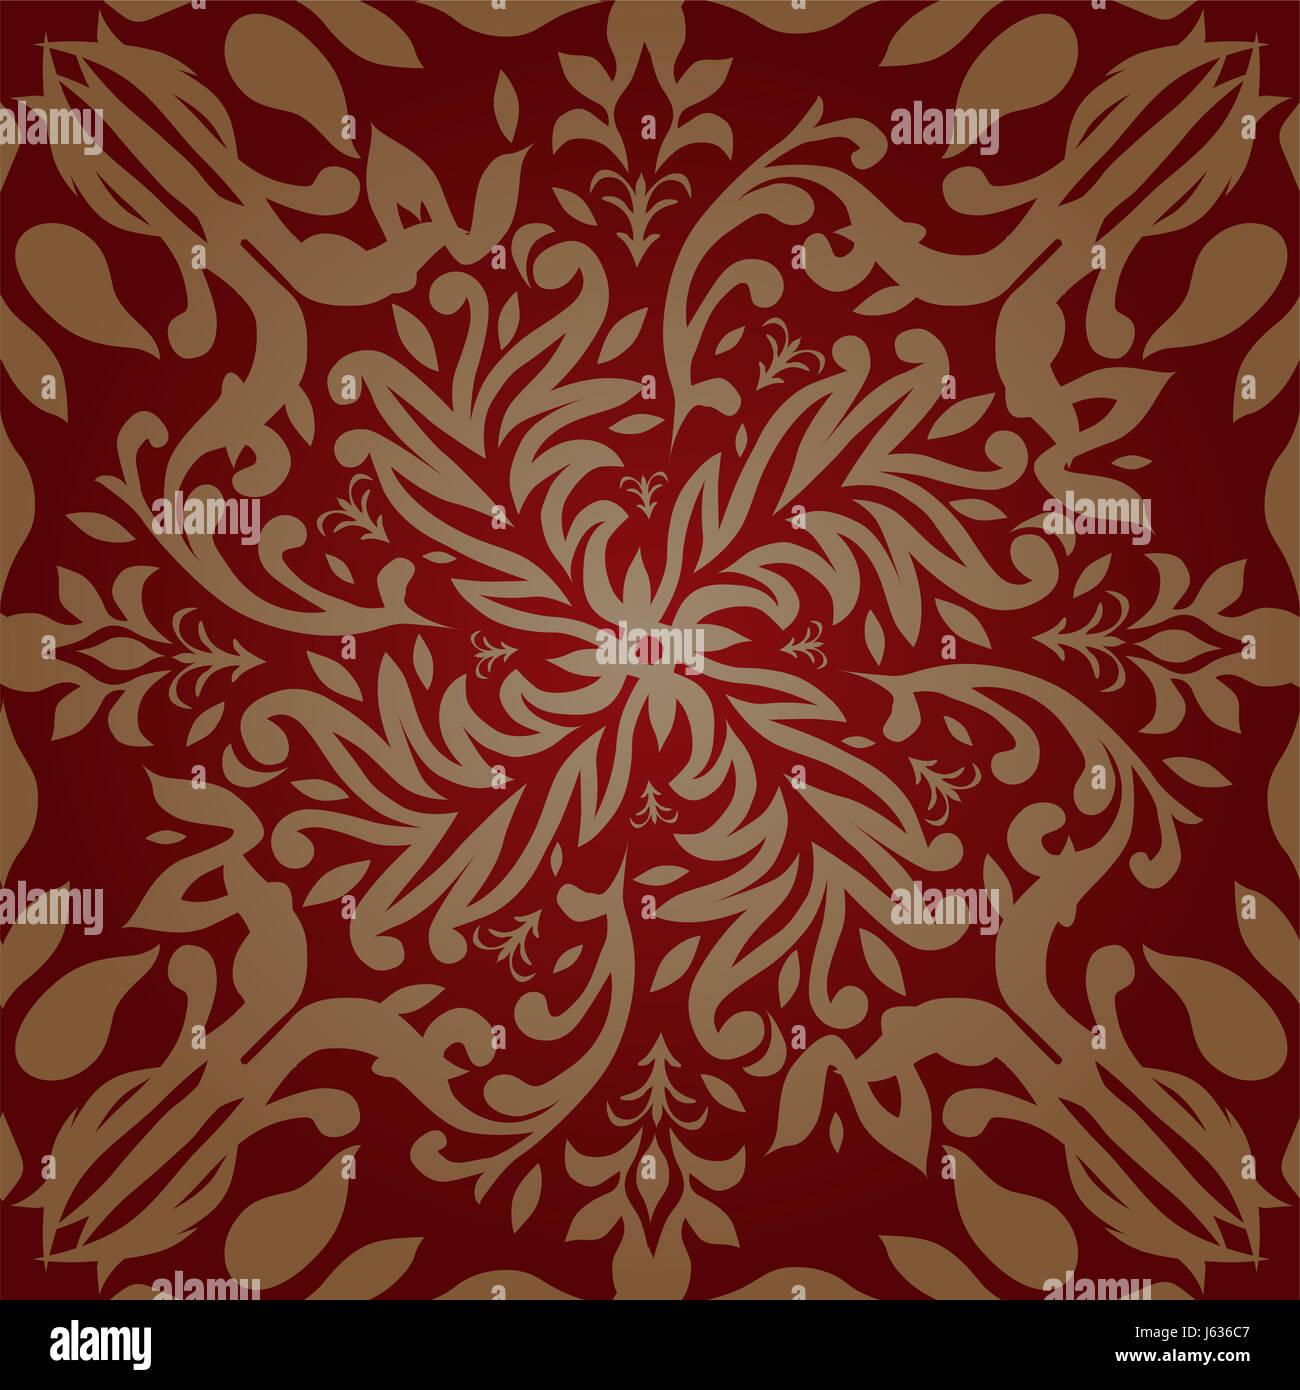 papier peint vintage tissu carreaux motif feuilles toile fond fond transparent banque d 39 images. Black Bedroom Furniture Sets. Home Design Ideas